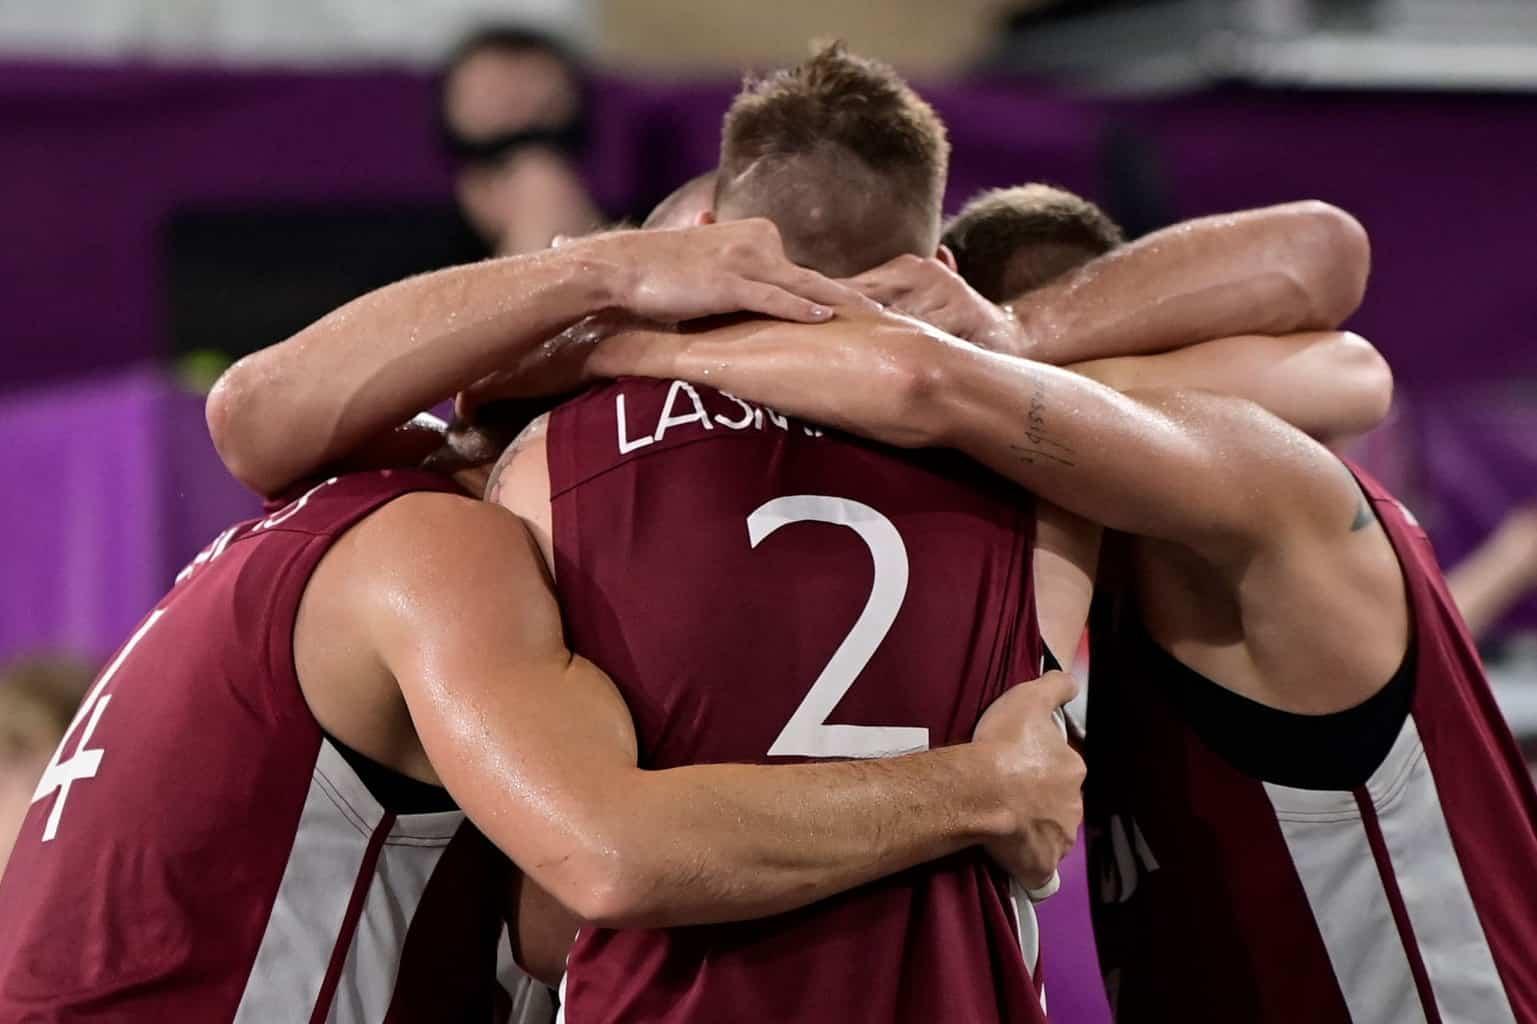 Сборная Латвии по баскетболу 3×3 завоевала олимпийское золото